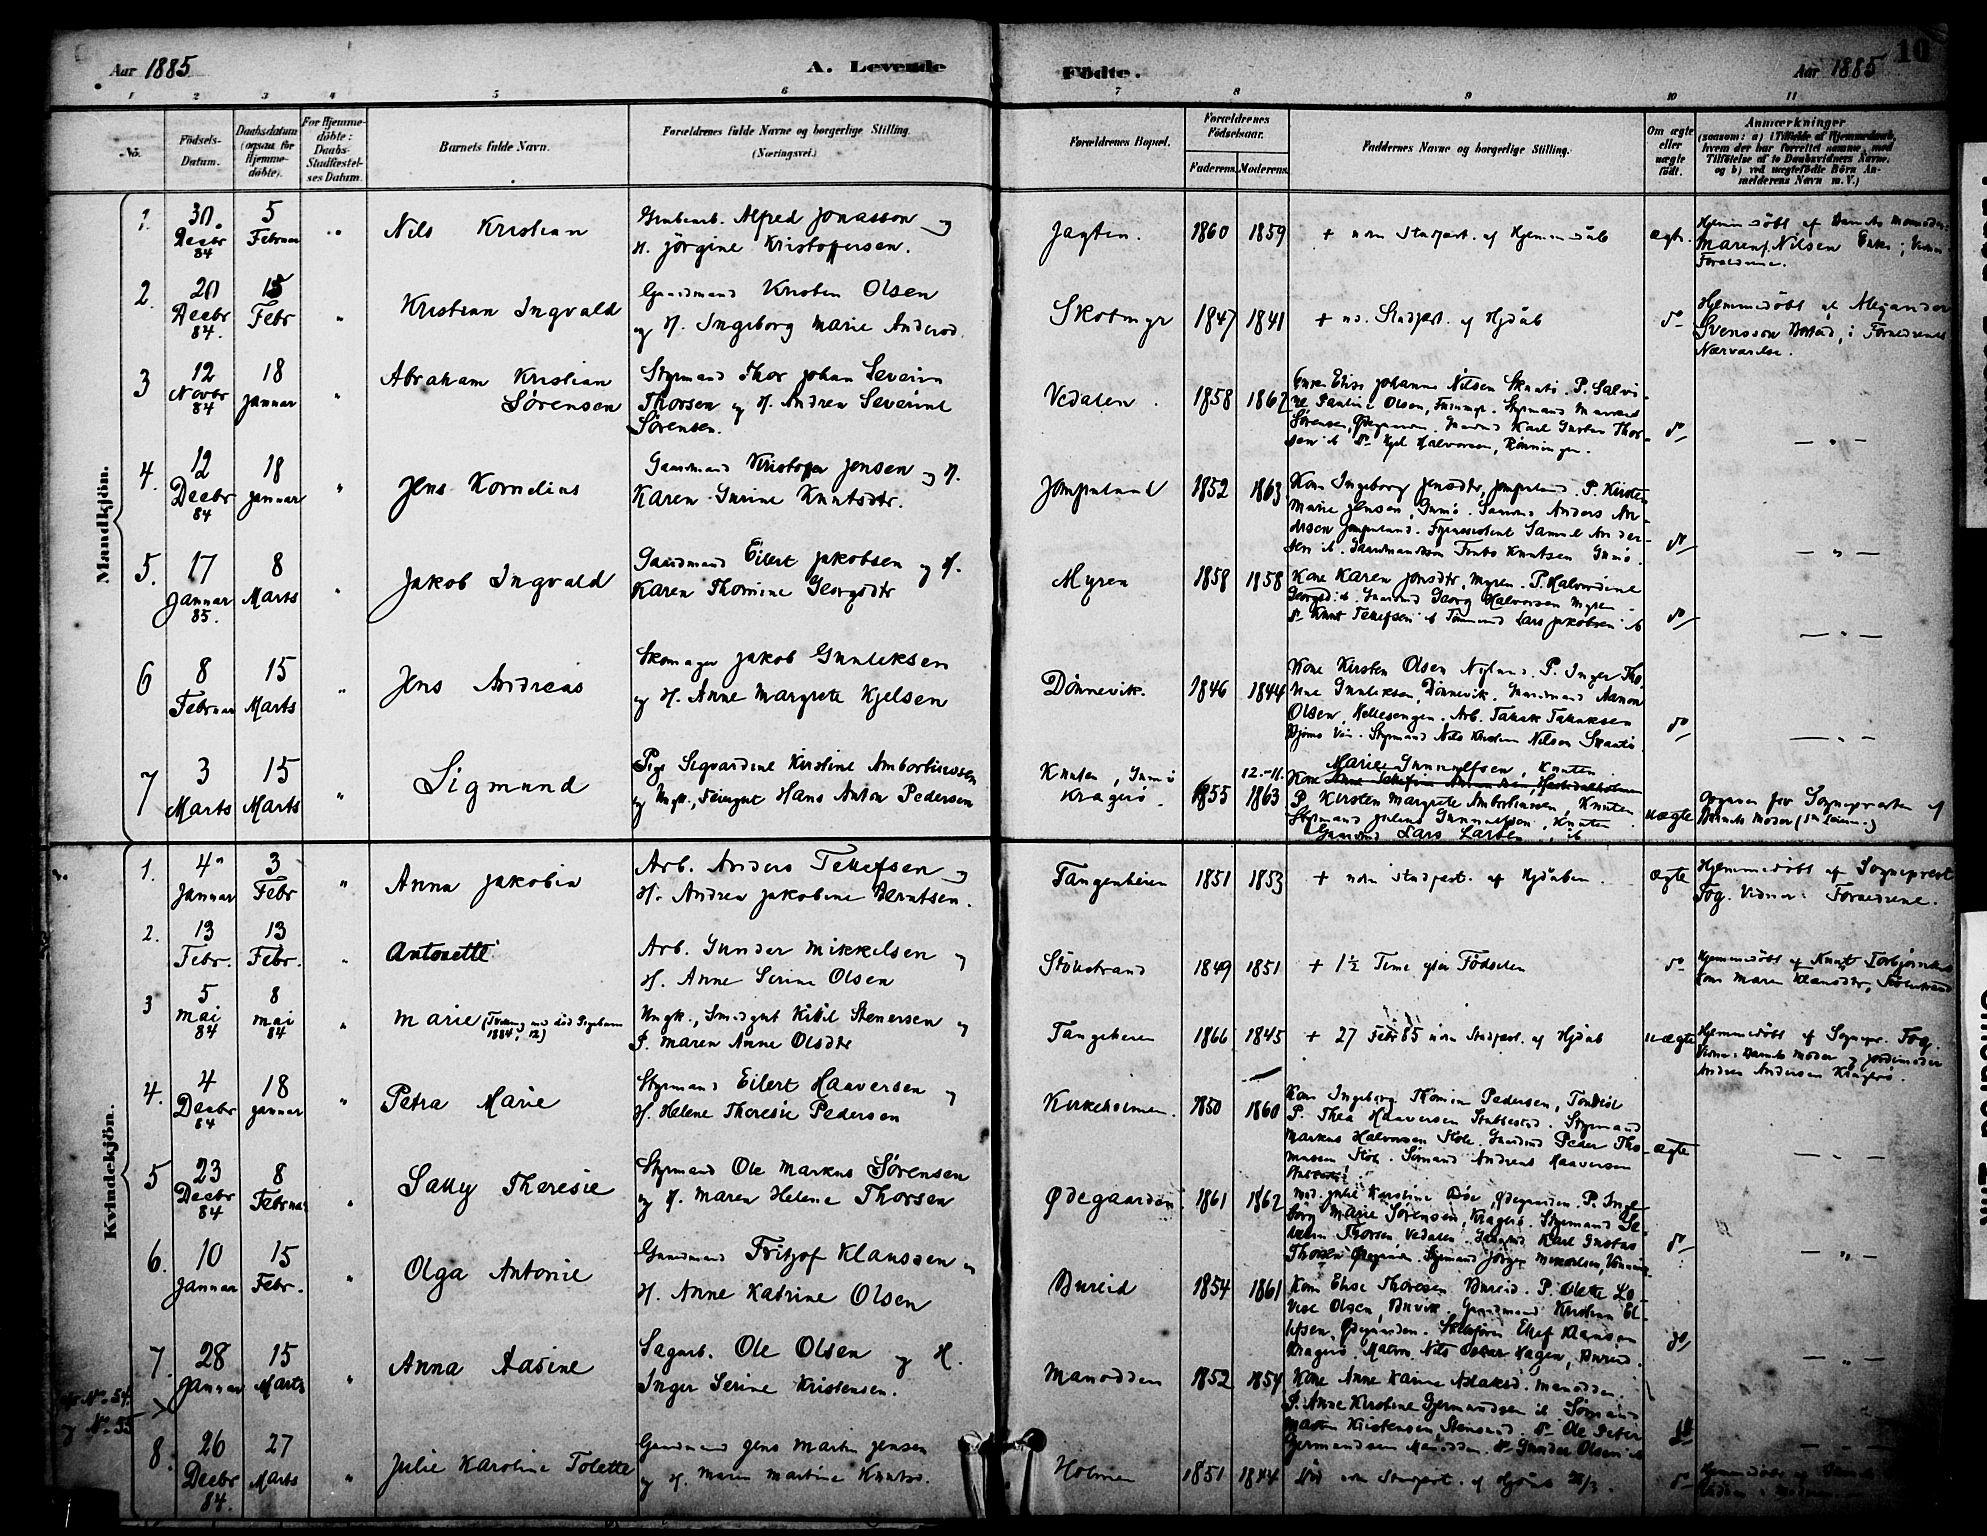 SAKO, Skåtøy kirkebøker, F/Fa/L0002: Ministerialbok nr. I 2, 1884-1899, s. 10